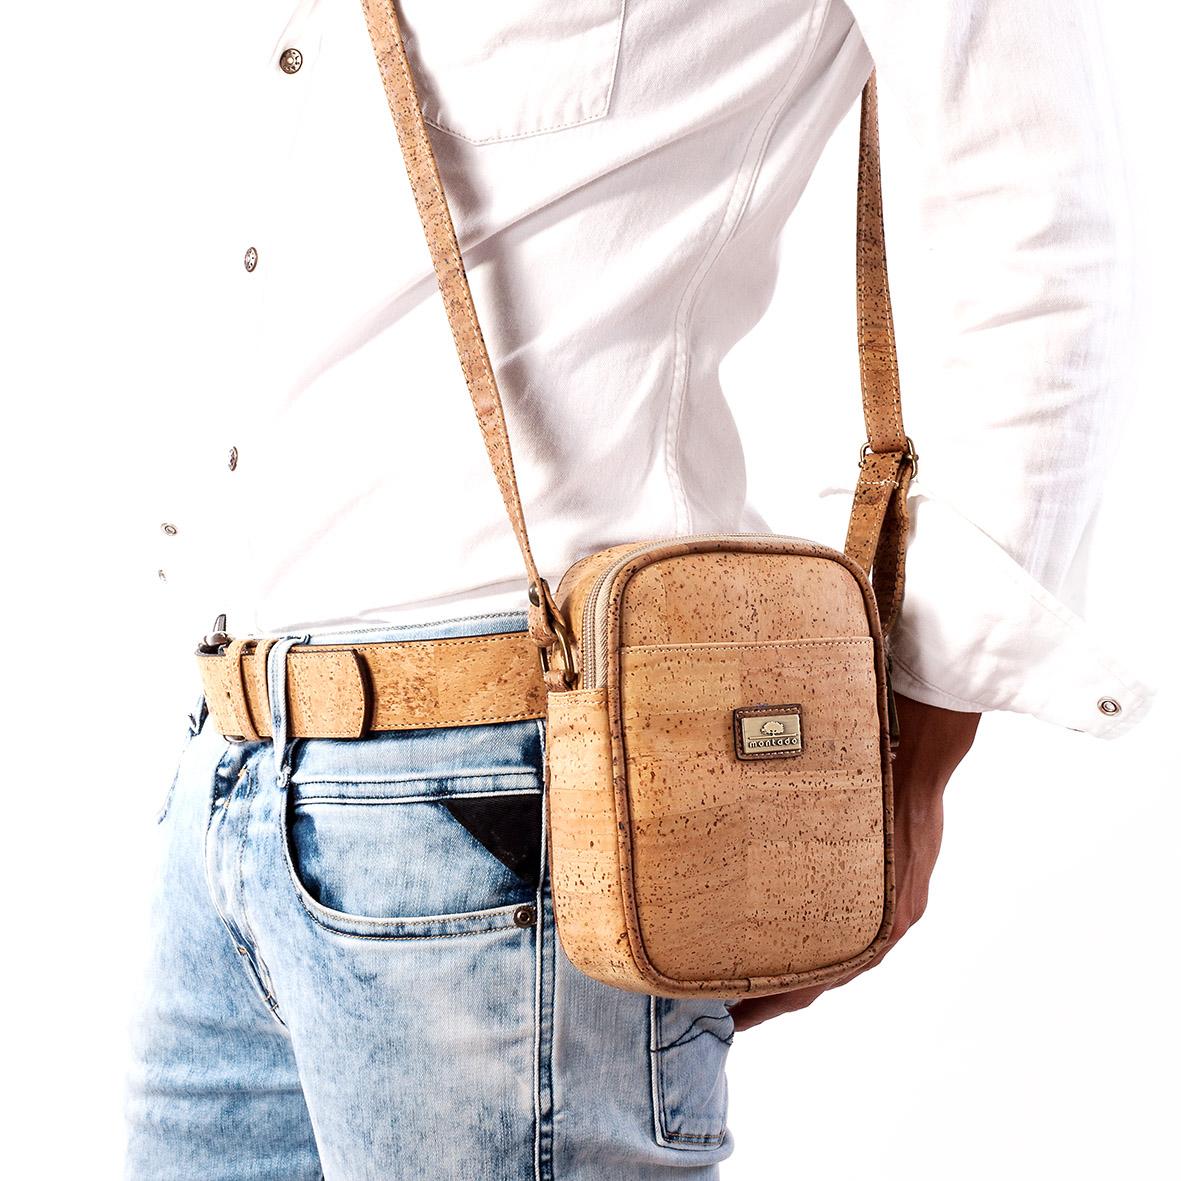 Cork Handbags: Cork Bags - Vegan Crossbody Bag In Cork